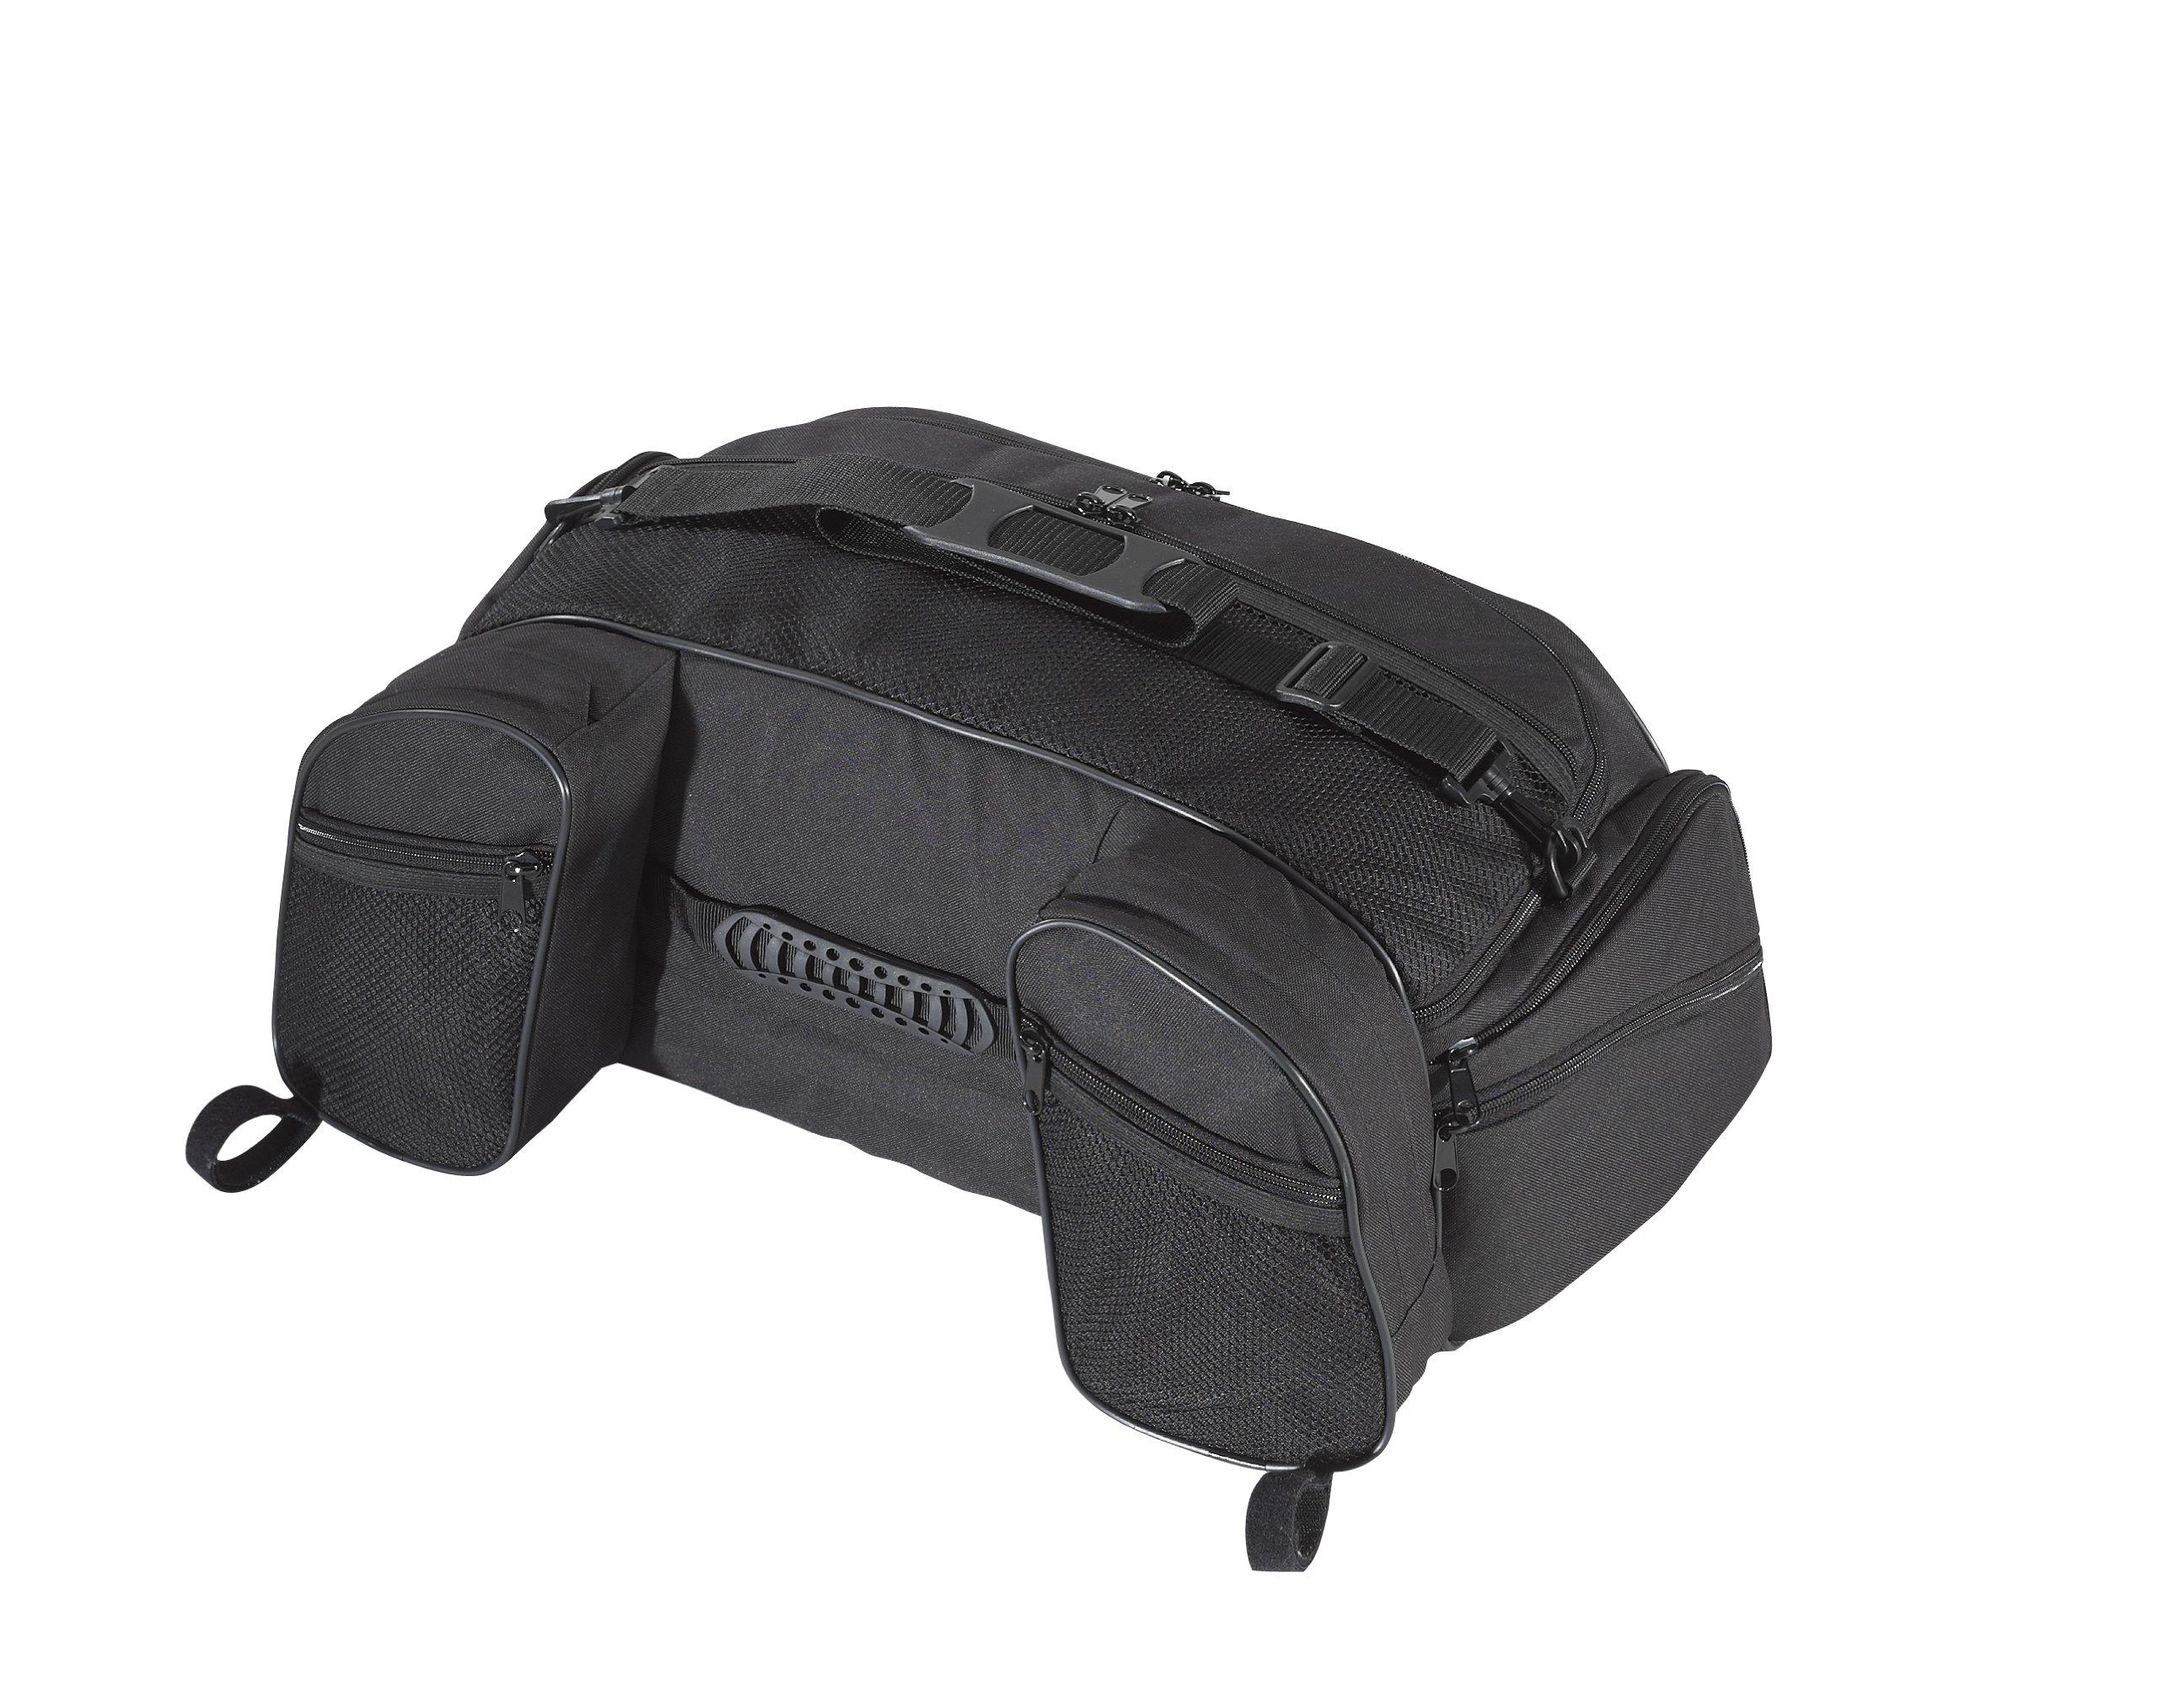 Ultragard 4-603 Black Luggage Rack Bag by Ultragard